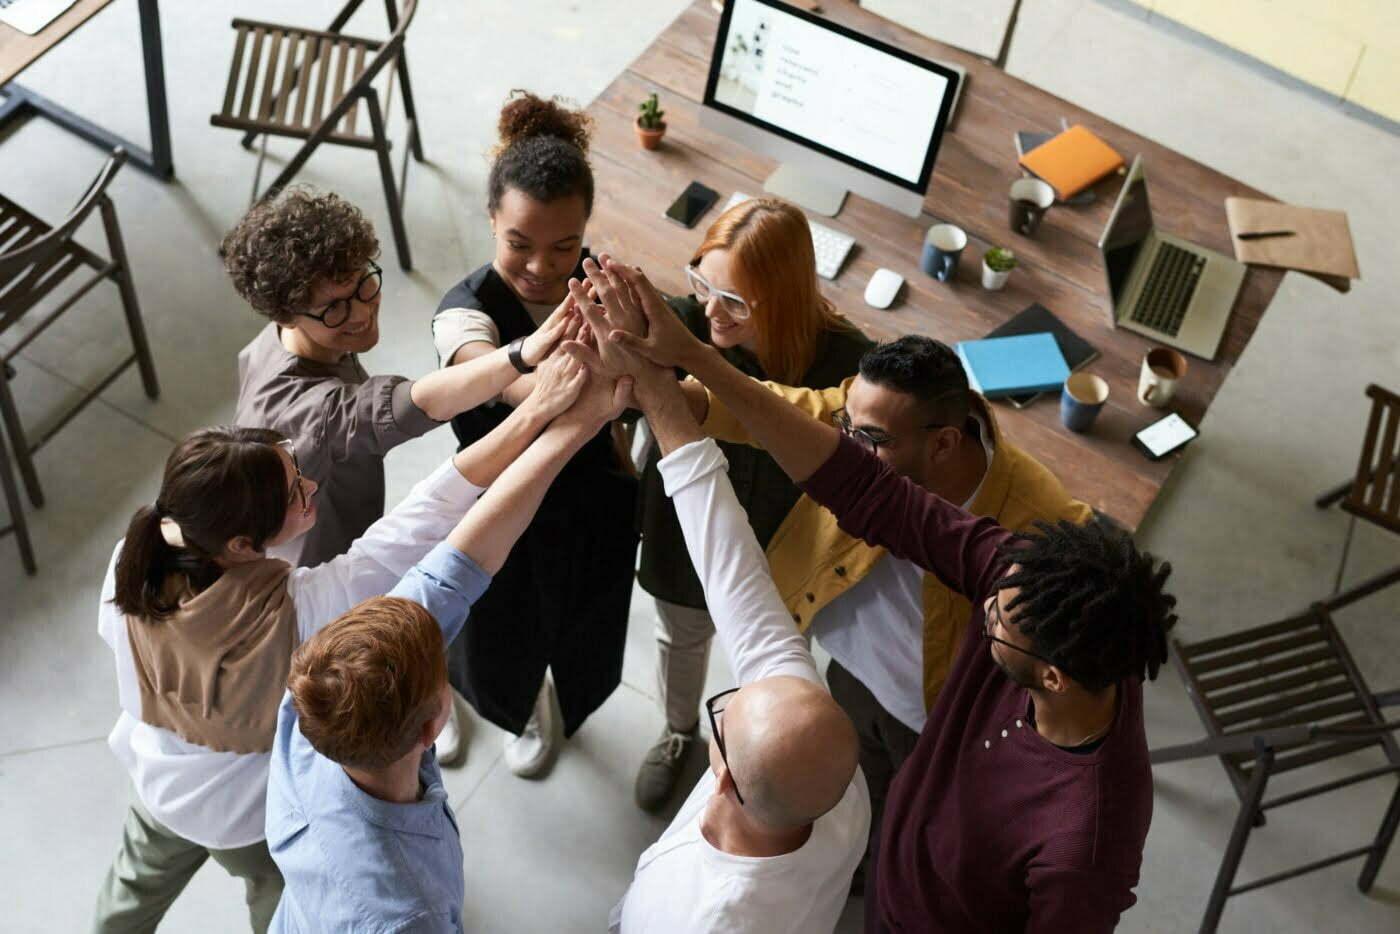 pessoas em uma escritório, dando as mãos, e comemorando